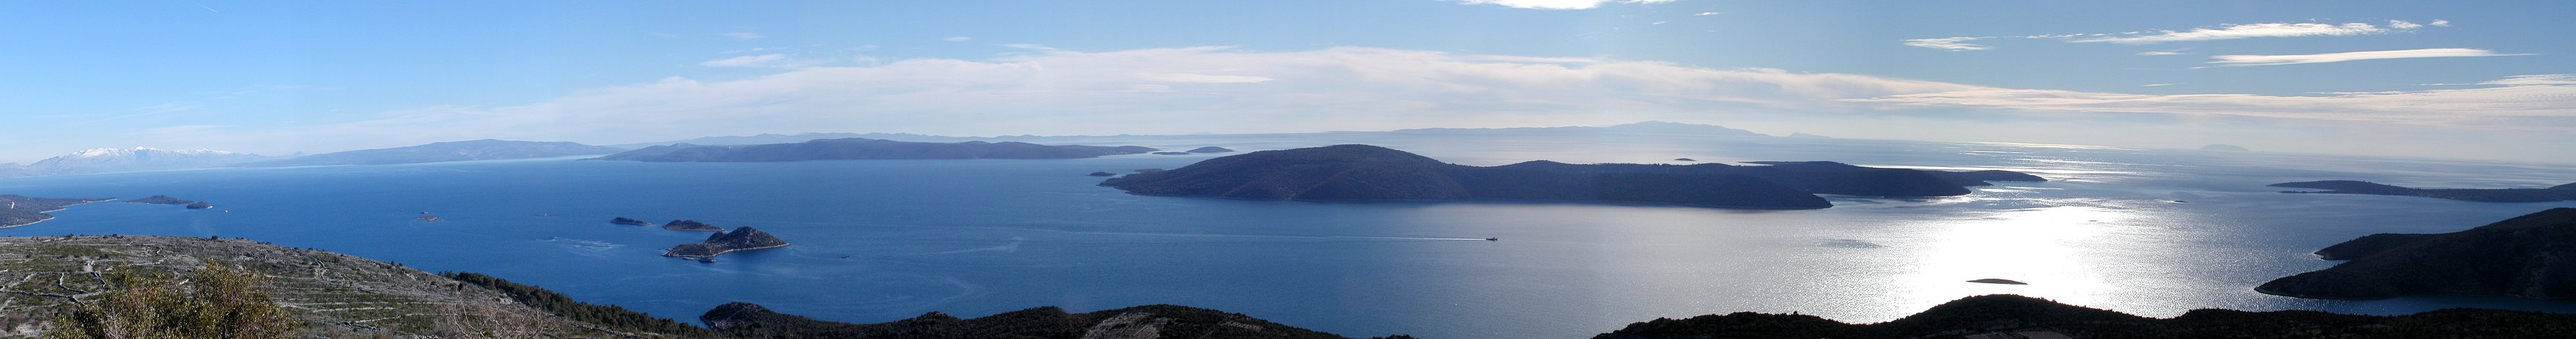 Description adriatic sea islands